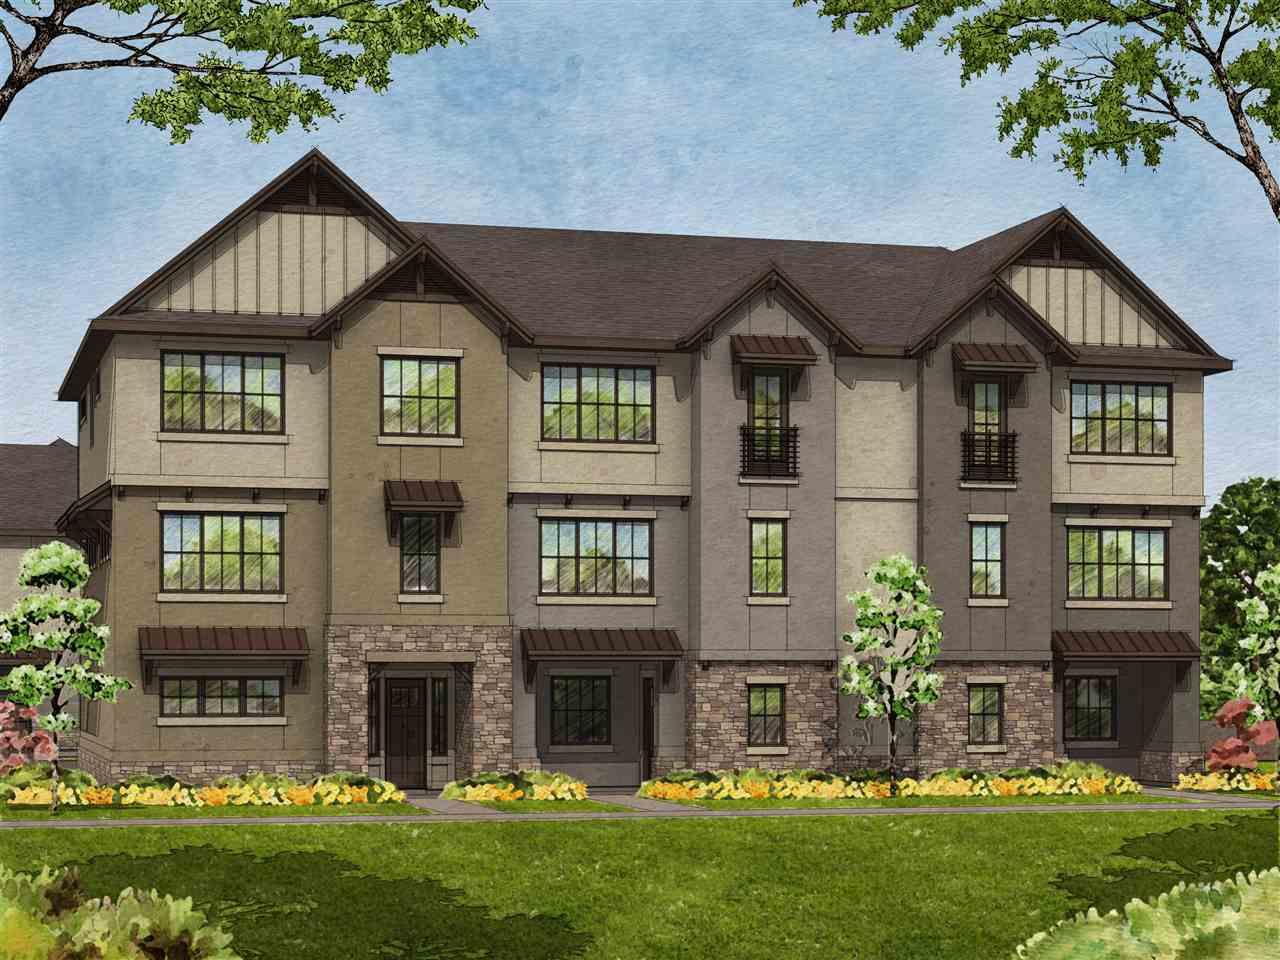 3287 E Thoroughbred Ln, Boise, ID 83716